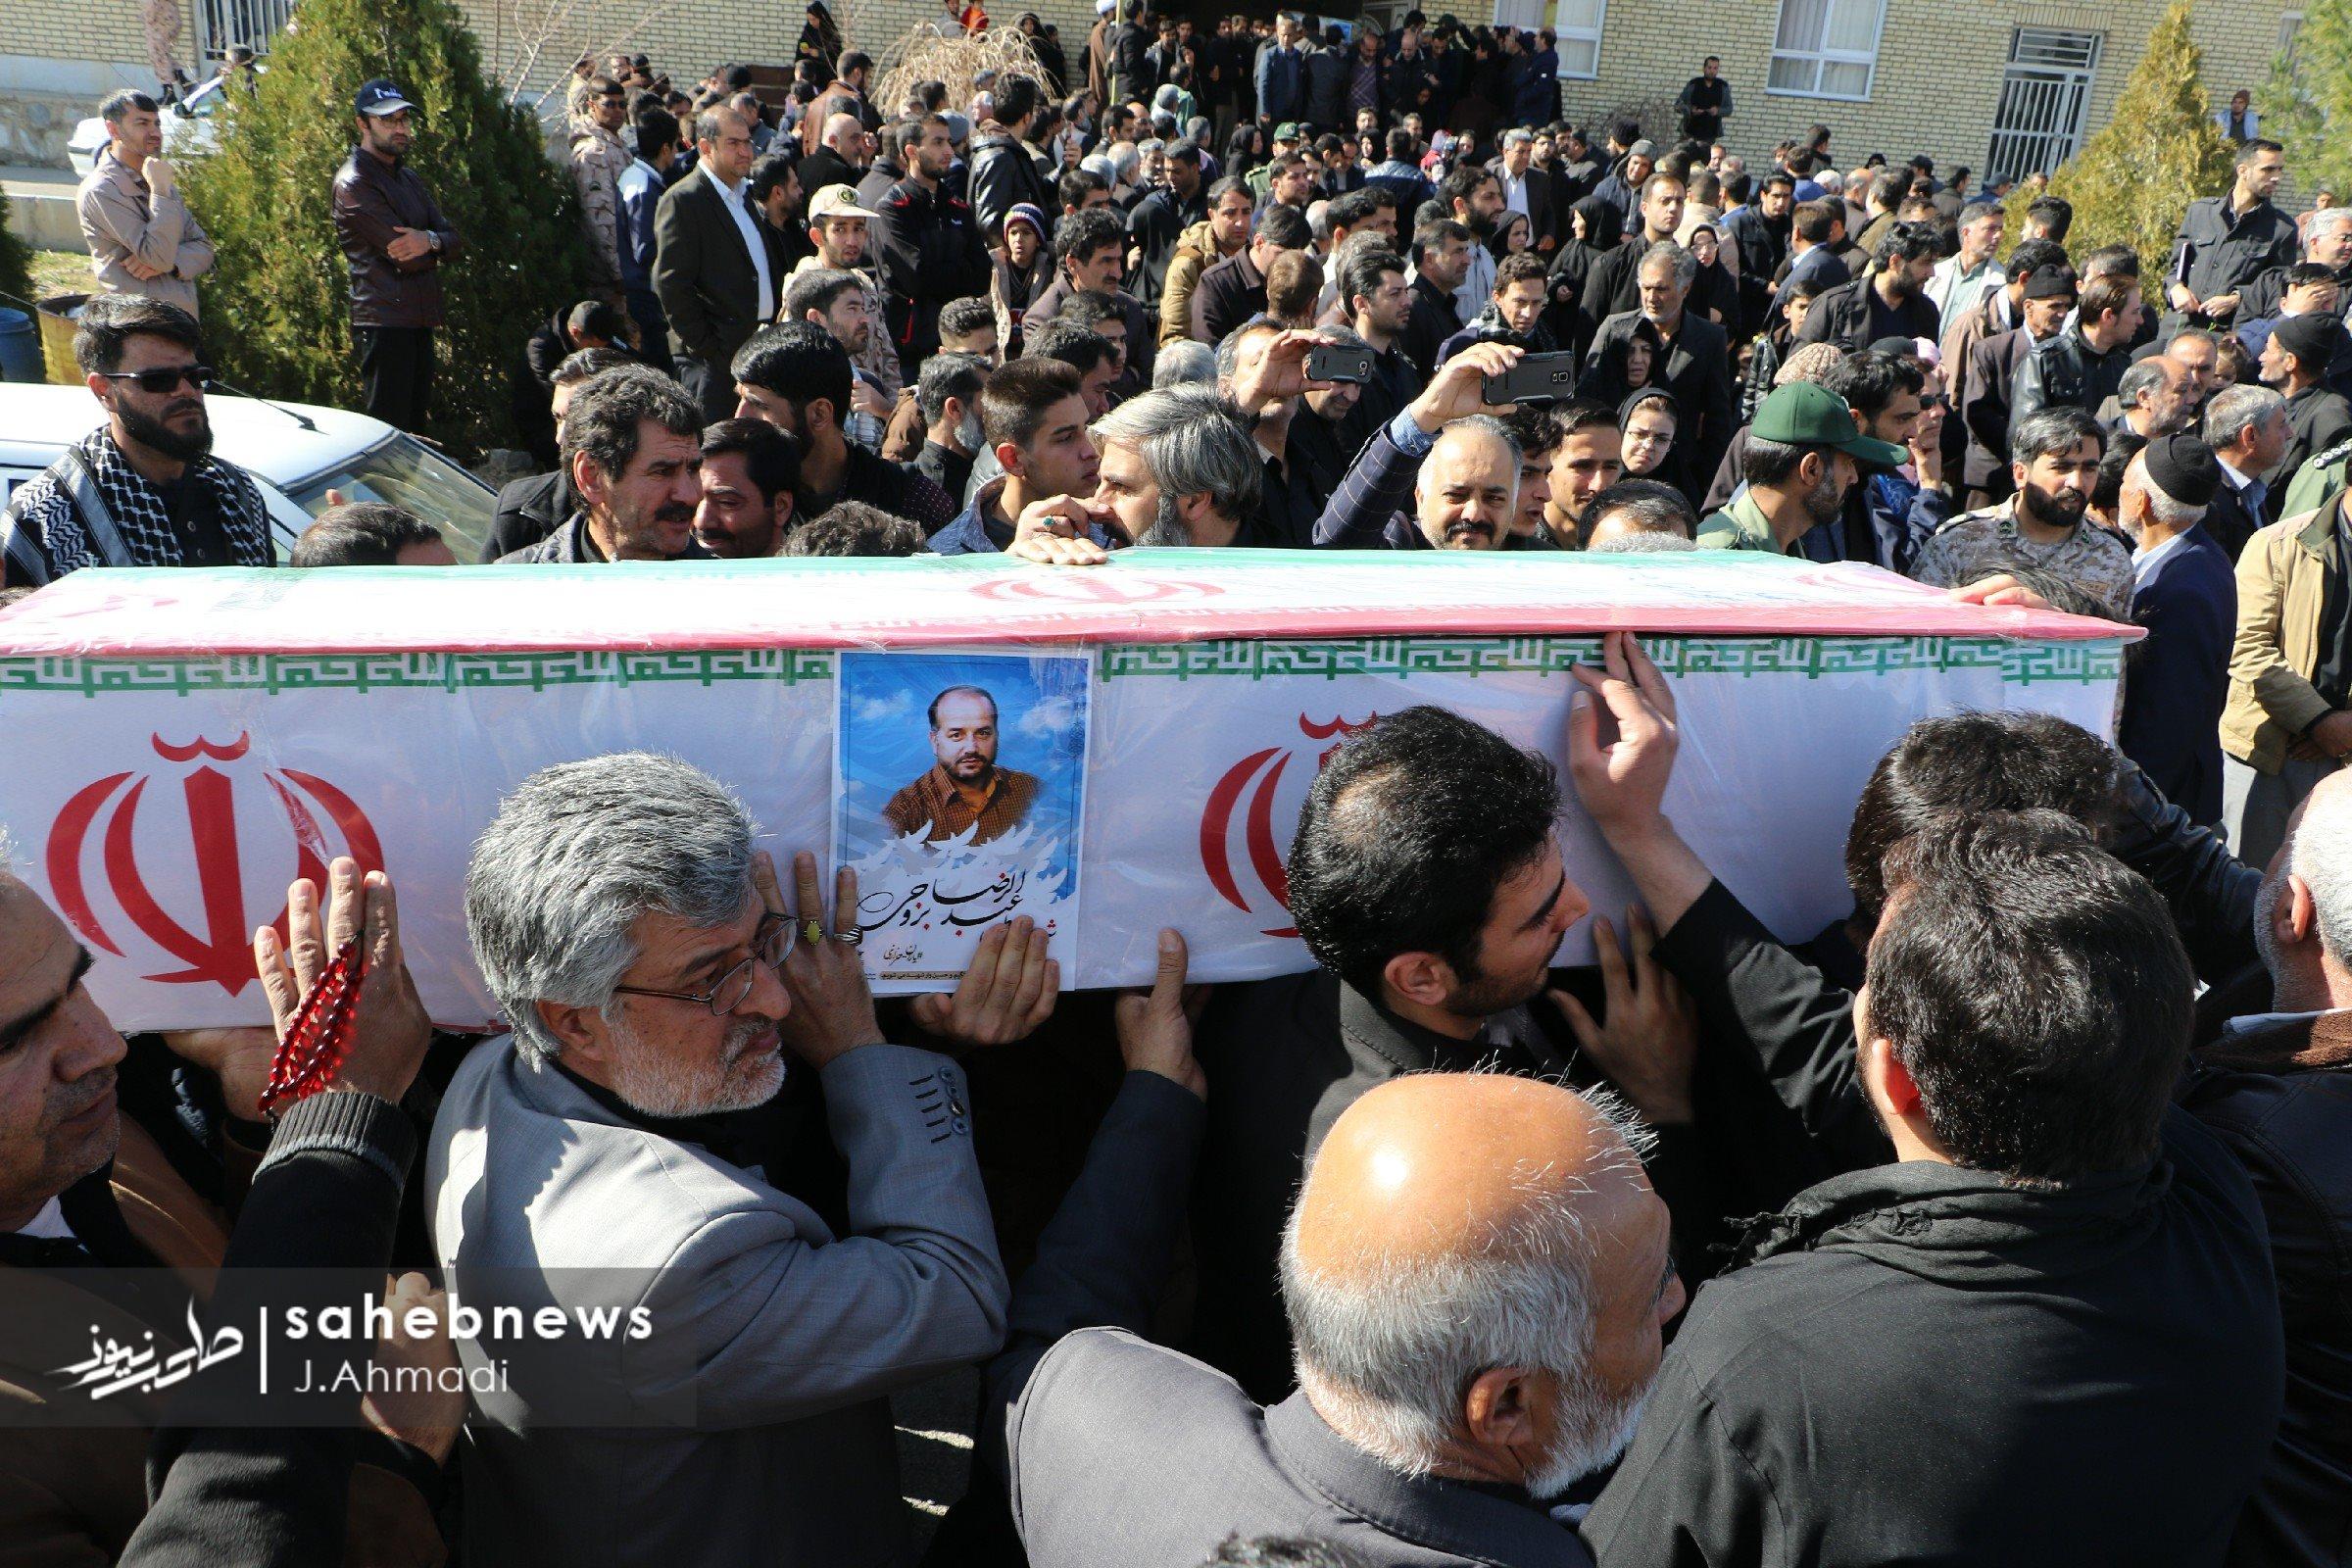 27 شهید حادثه تروریستی اصفهان (19)